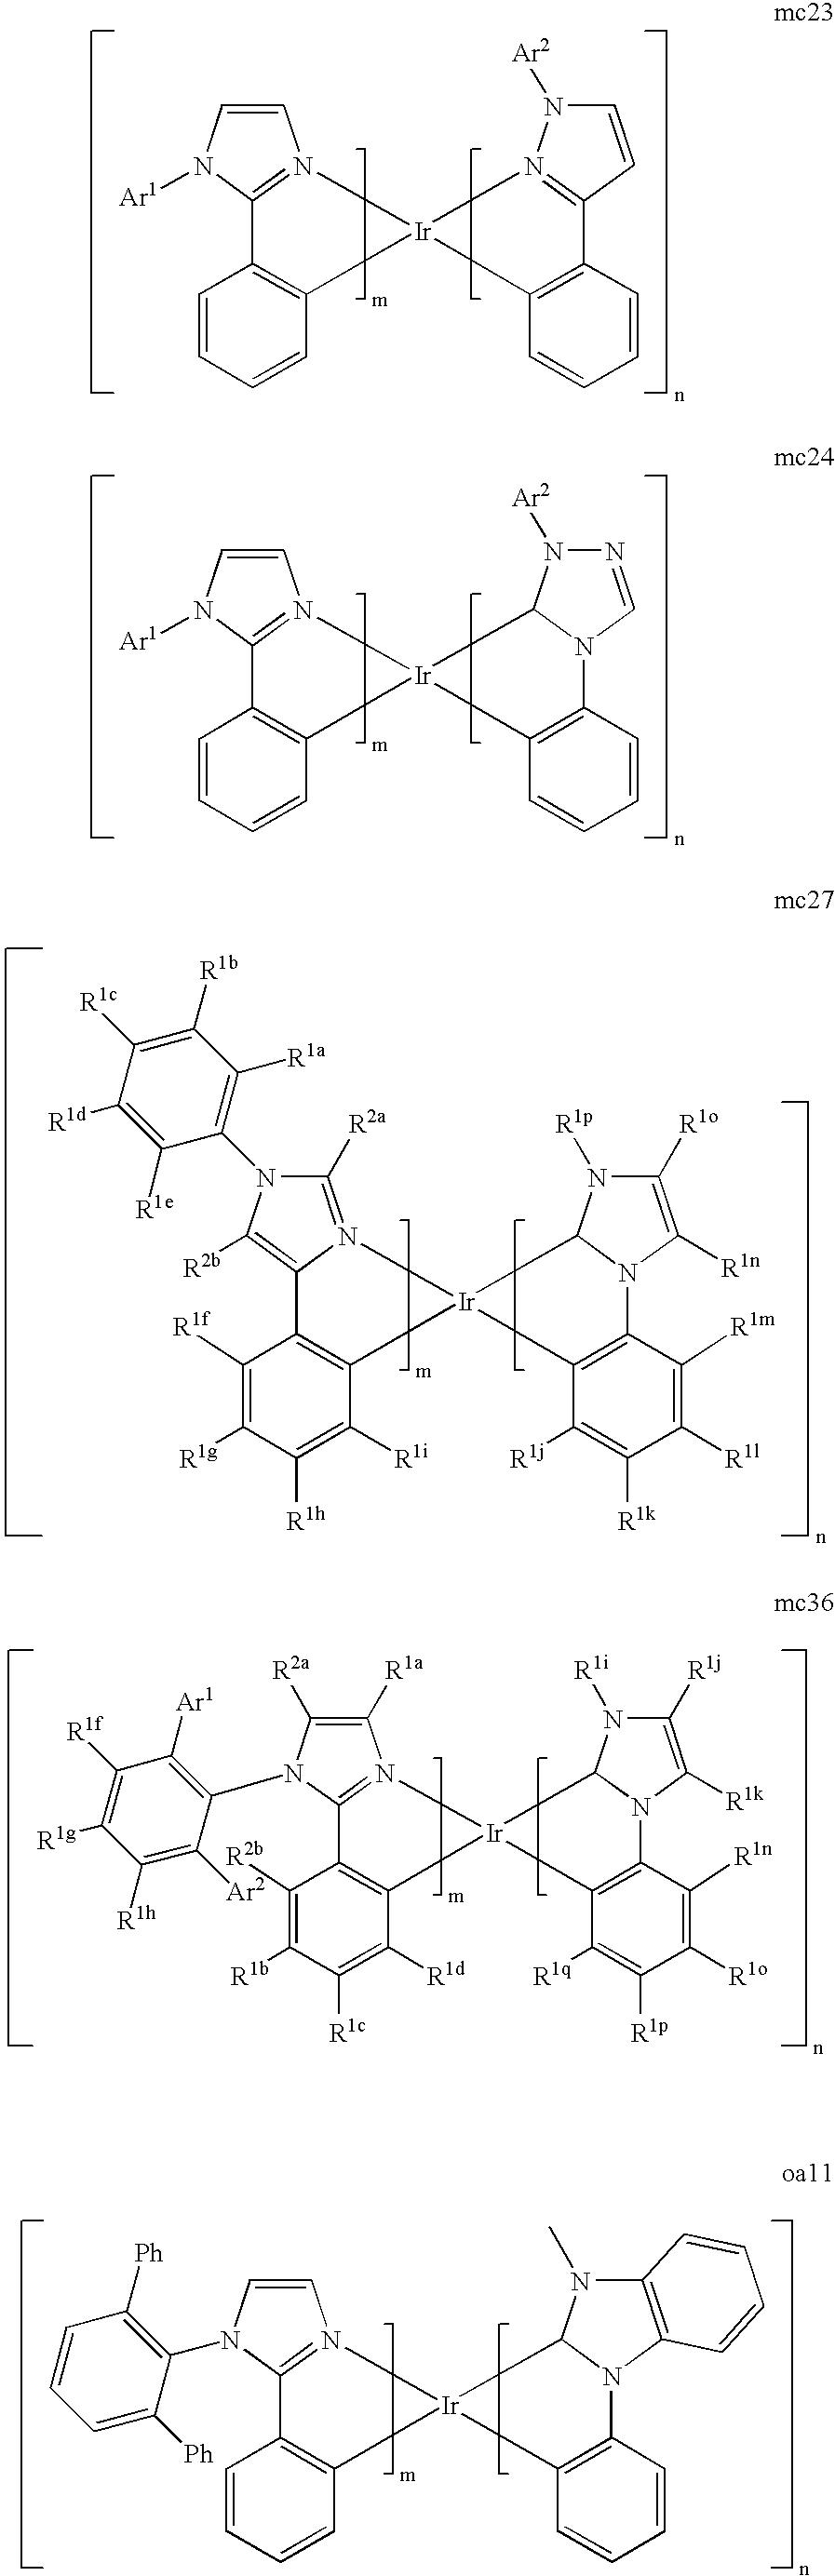 Figure US20070088167A1-20070419-C00026